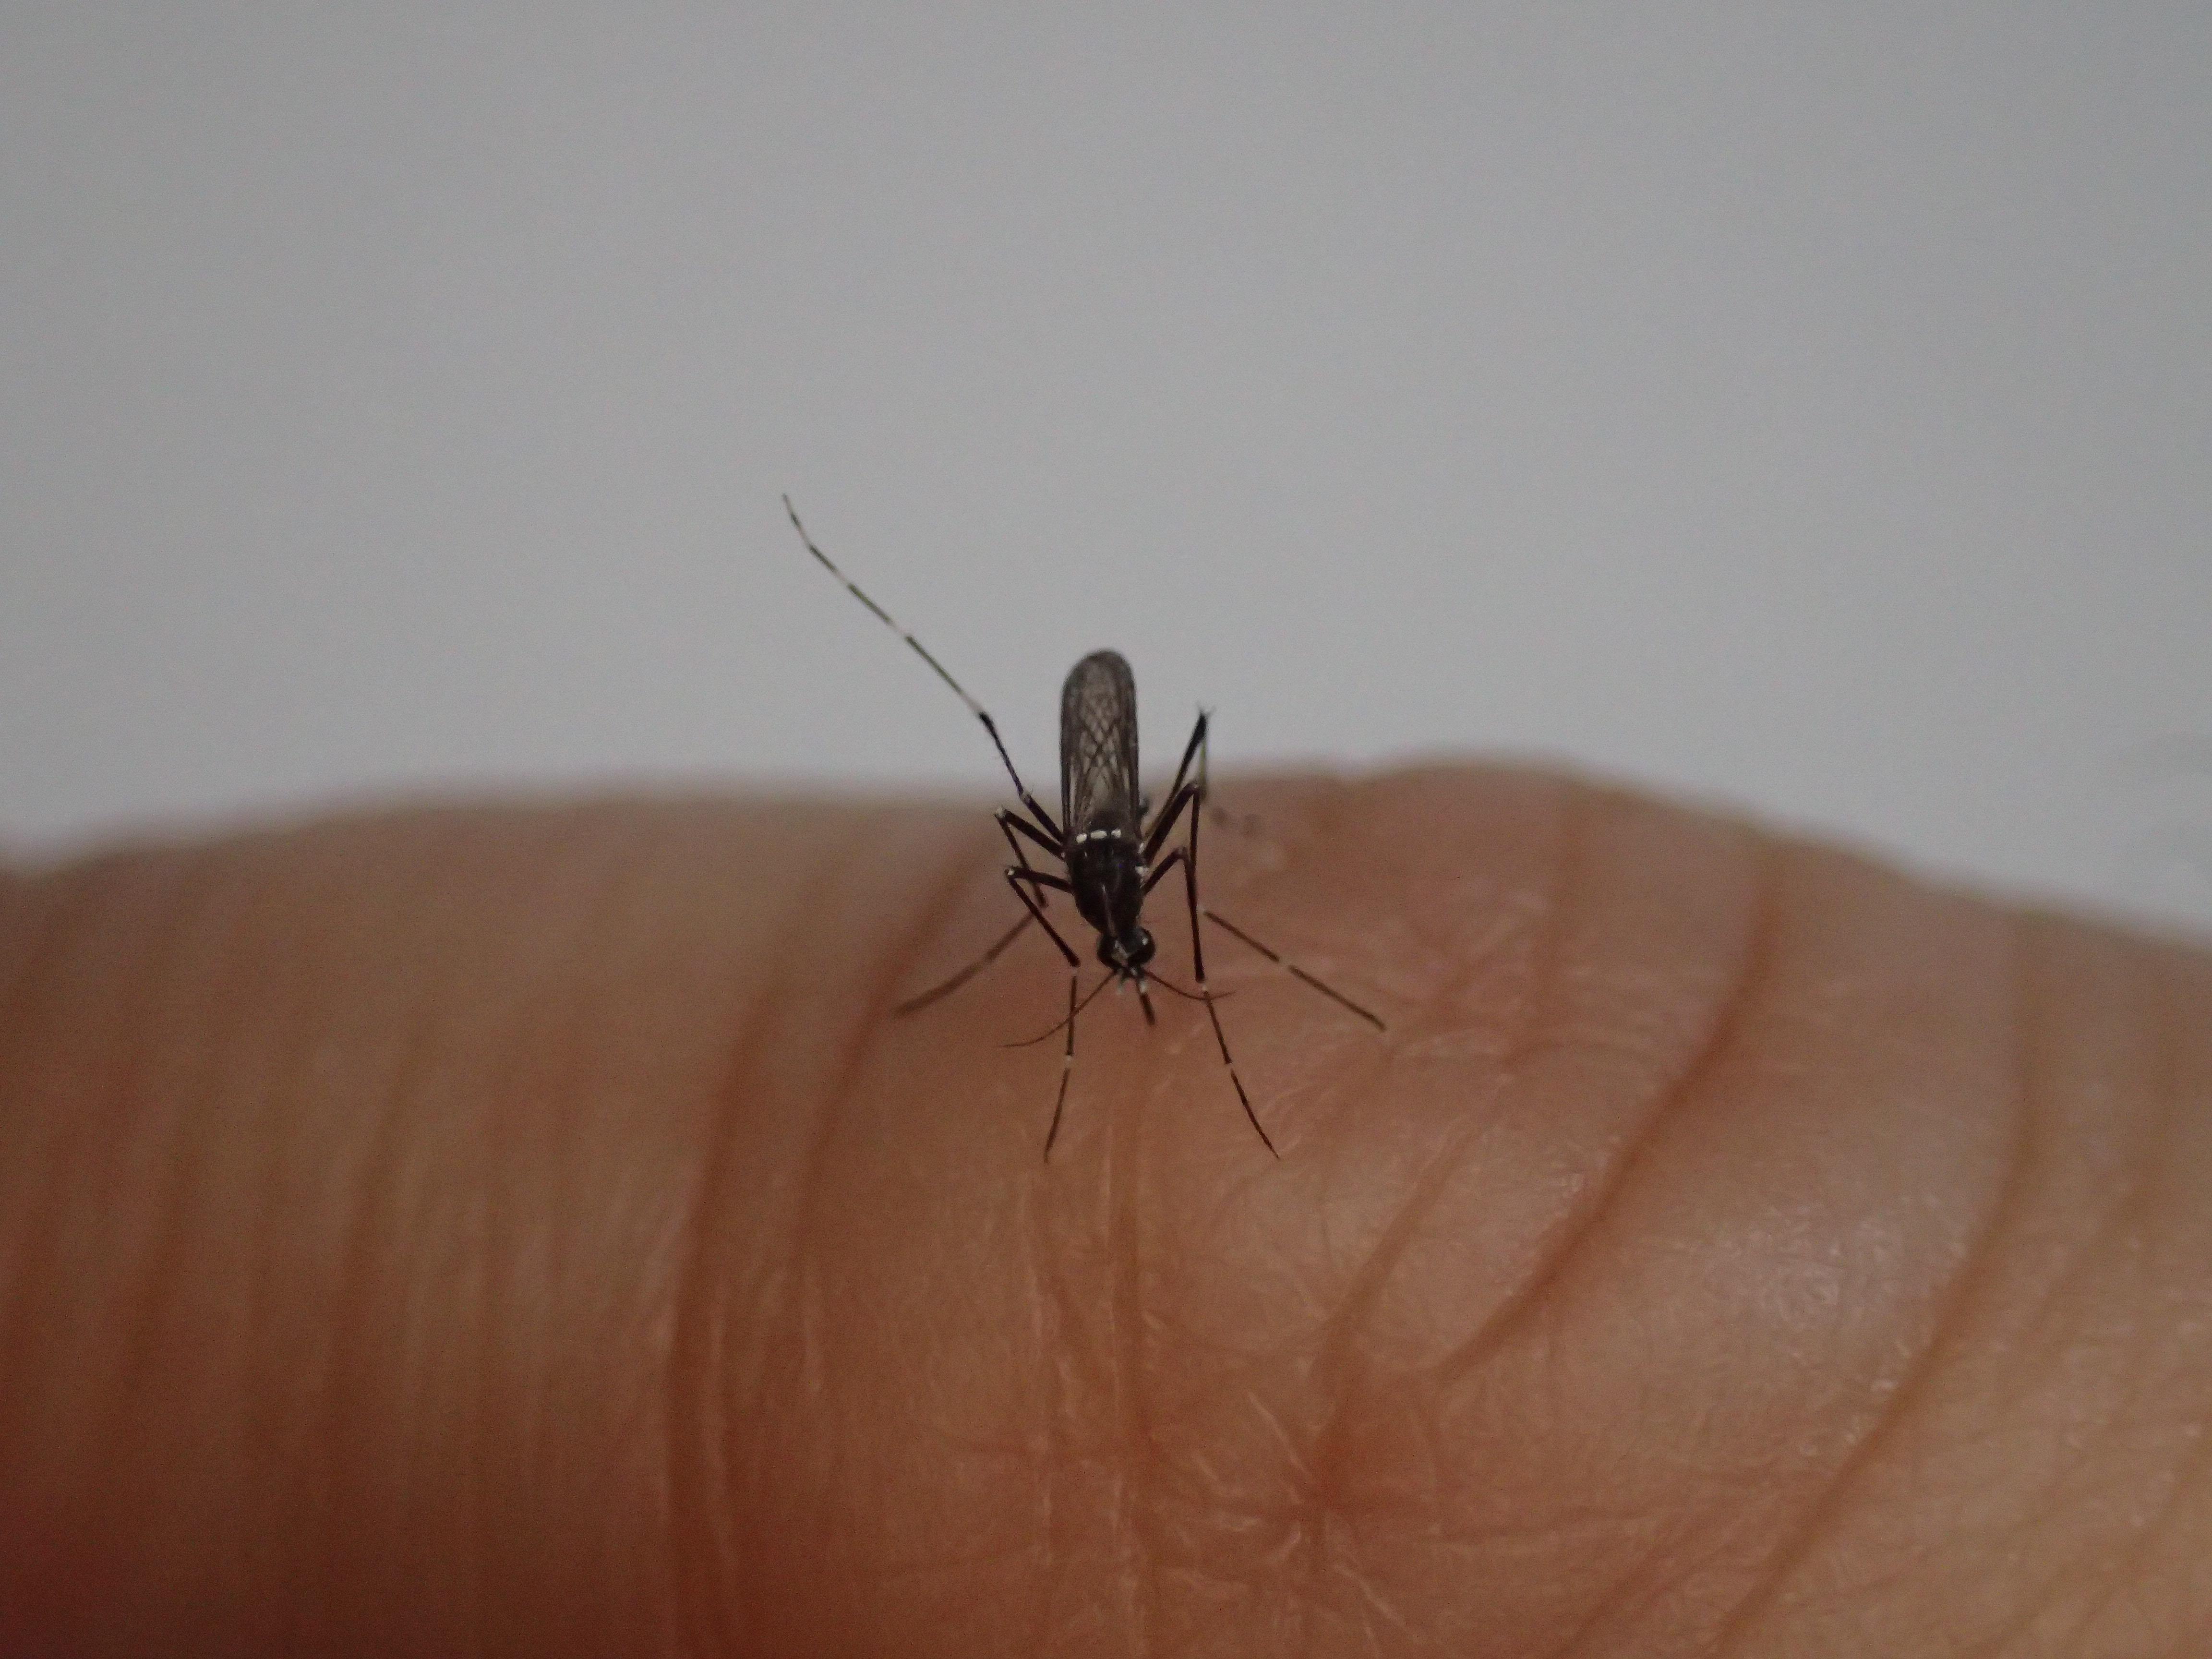 小指の関節シワから吸血する白黒模様の害虫ヤブ蚊(ヒトスジシマカ)